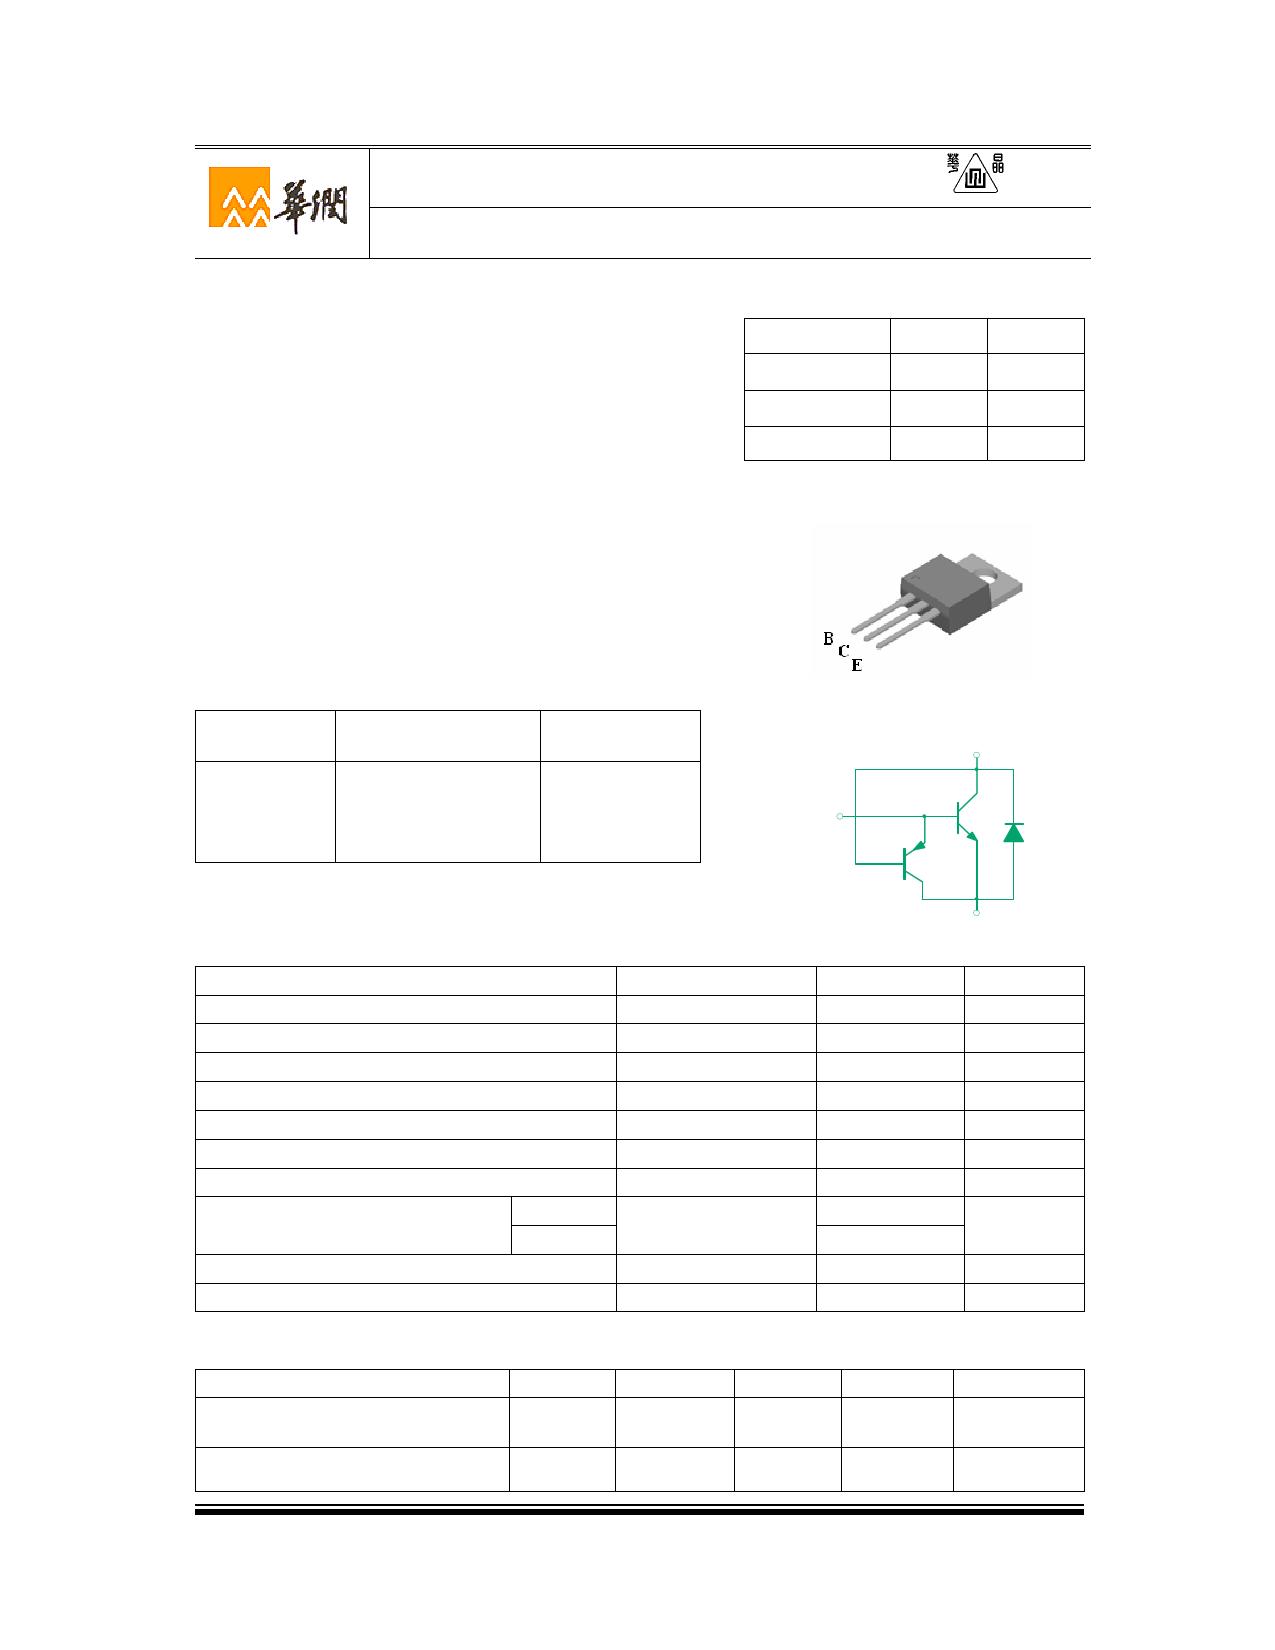 3DD13007B8D Datasheet, 3DD13007B8D PDF,ピン配置, 機能